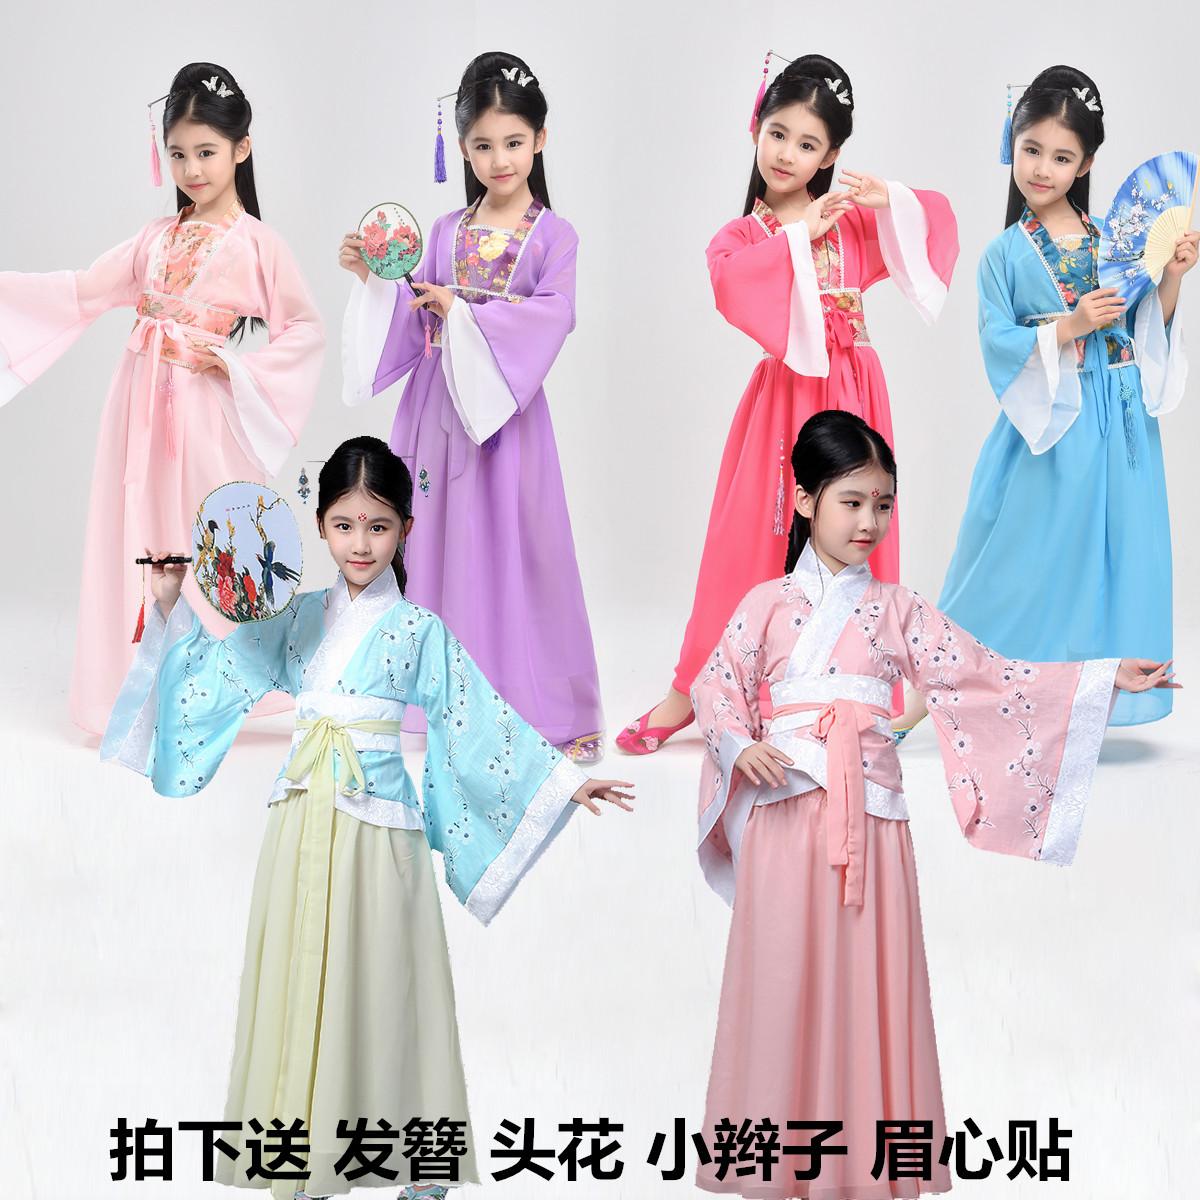 七仙女舞蹈服装_古装水袖舞蹈服装_特价|包邮_古装水袖舞蹈服,肚皮舞鱼尾裙民族